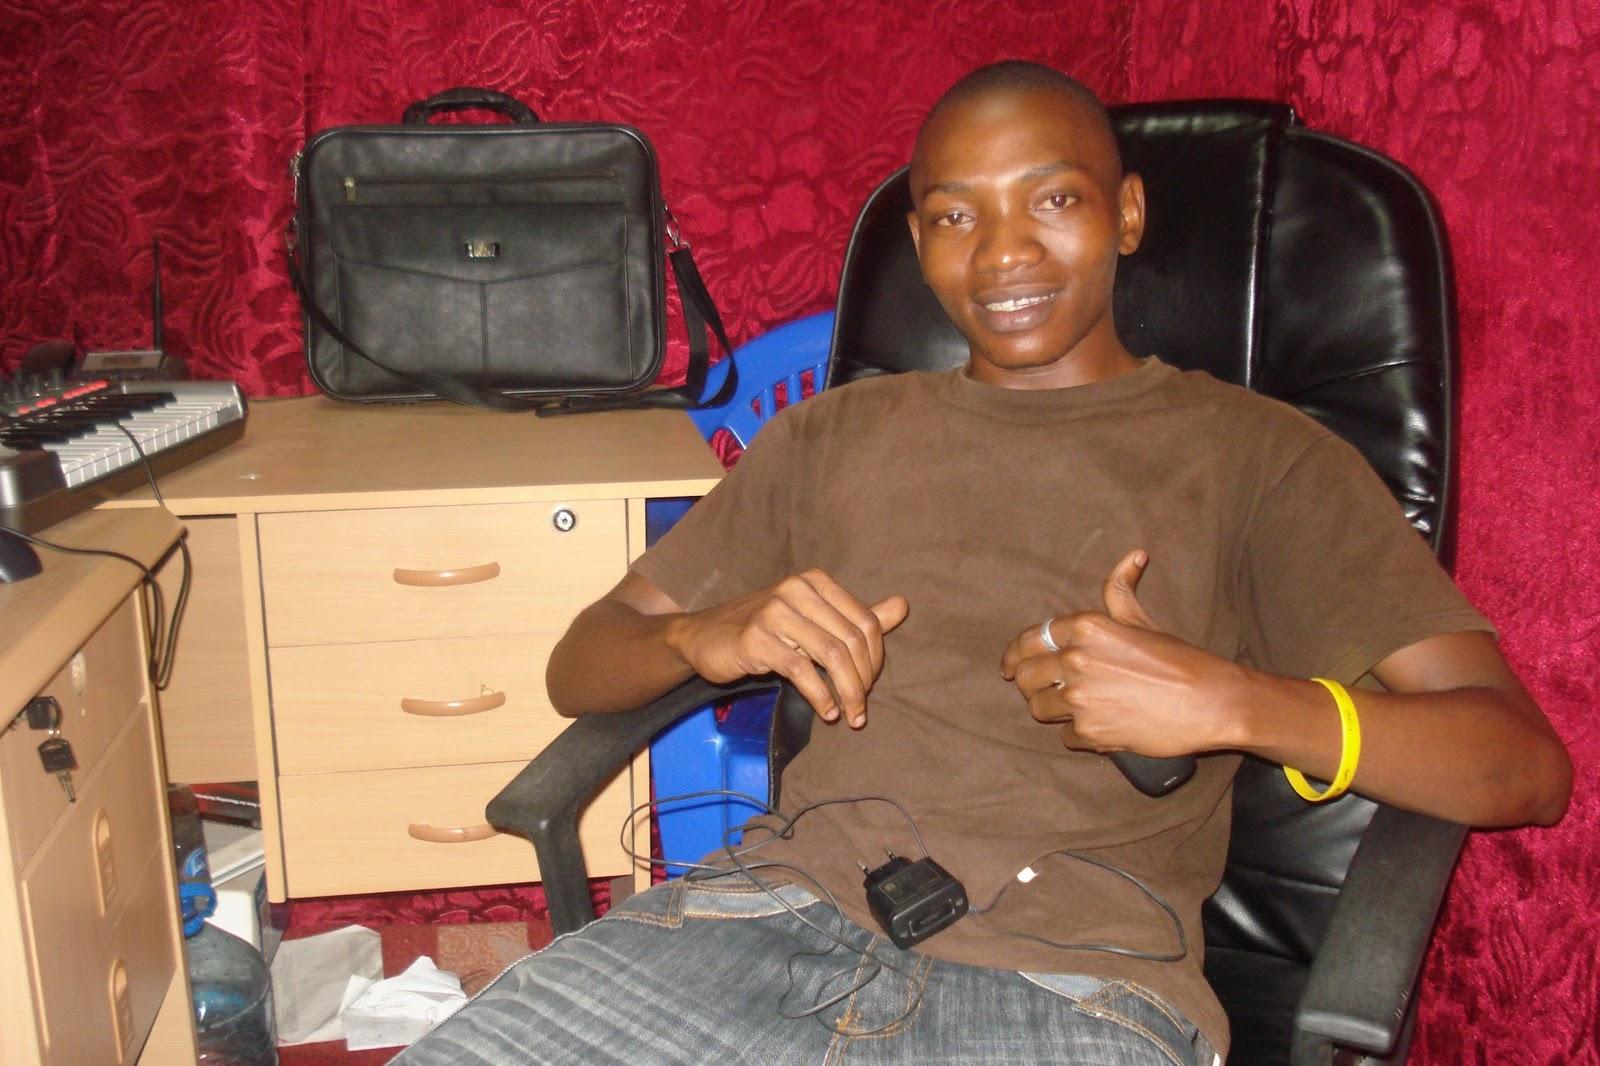 Josephrocchiophotography : Dj mwanga mix